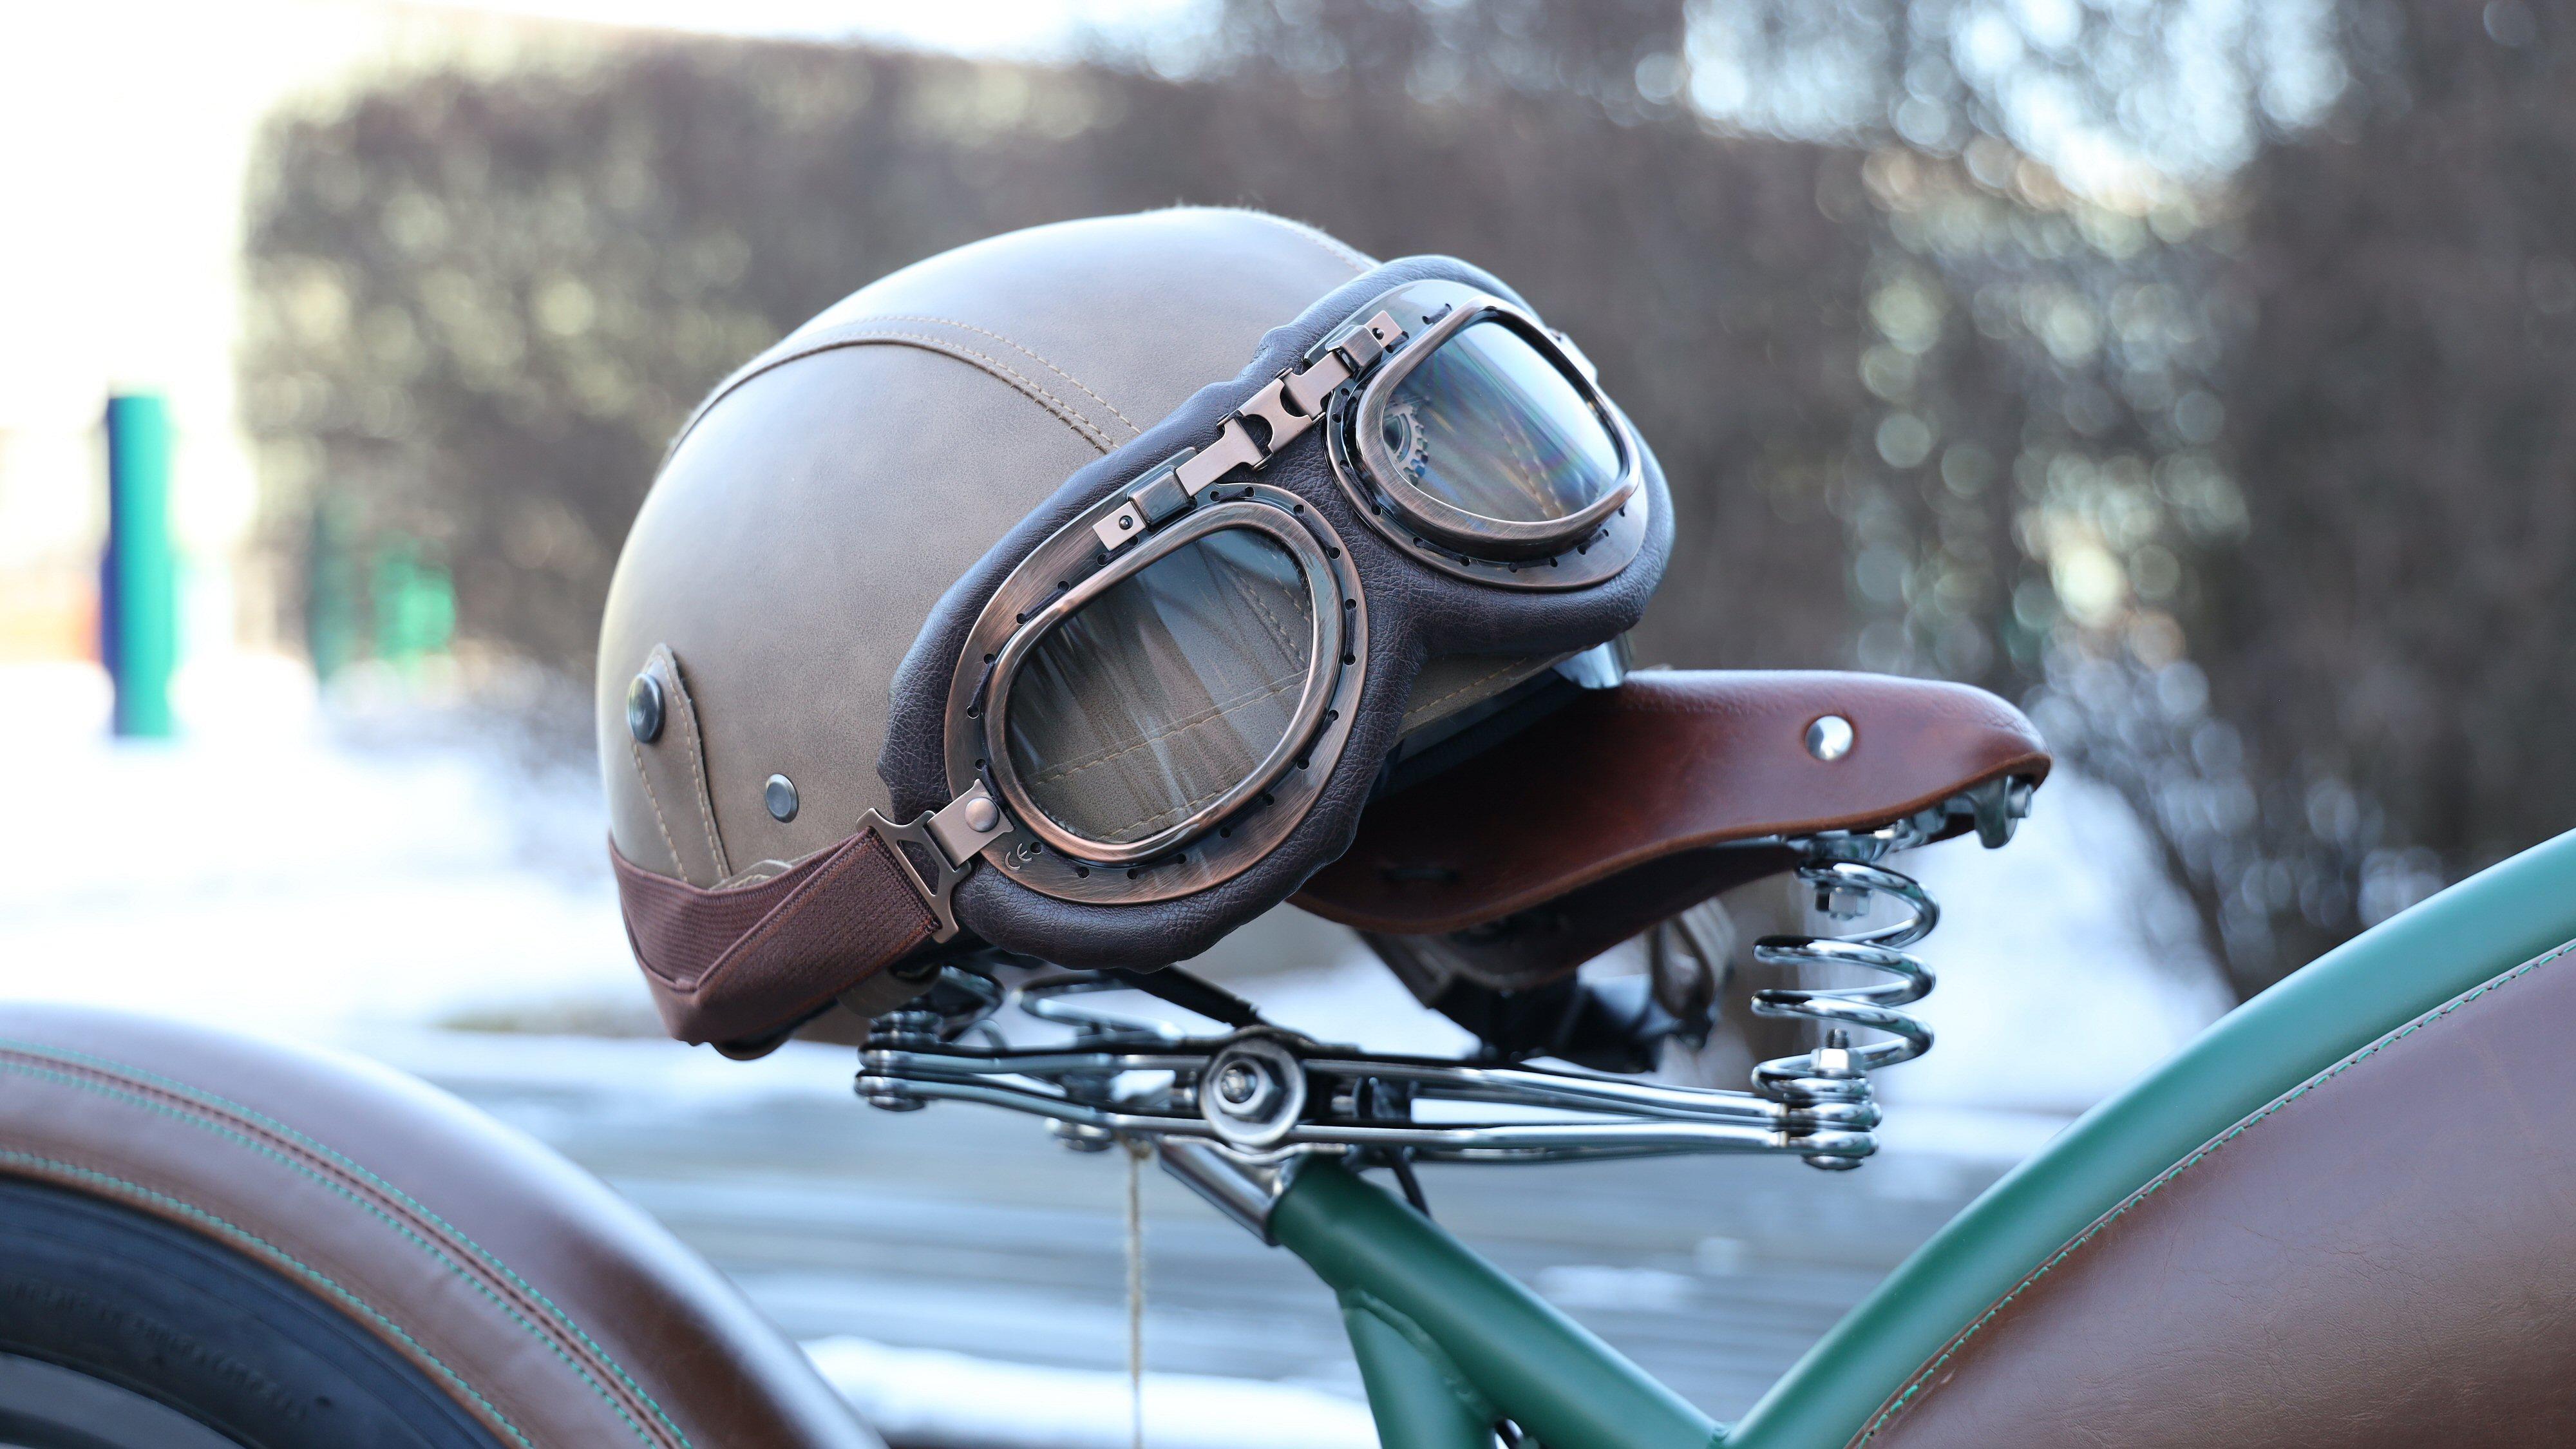 Rayvolt-syklene har detaljer i metall og lær – og ekstrautstyr som hjelm, briller og lærvesker til den som ønsker å ta den helt ut.